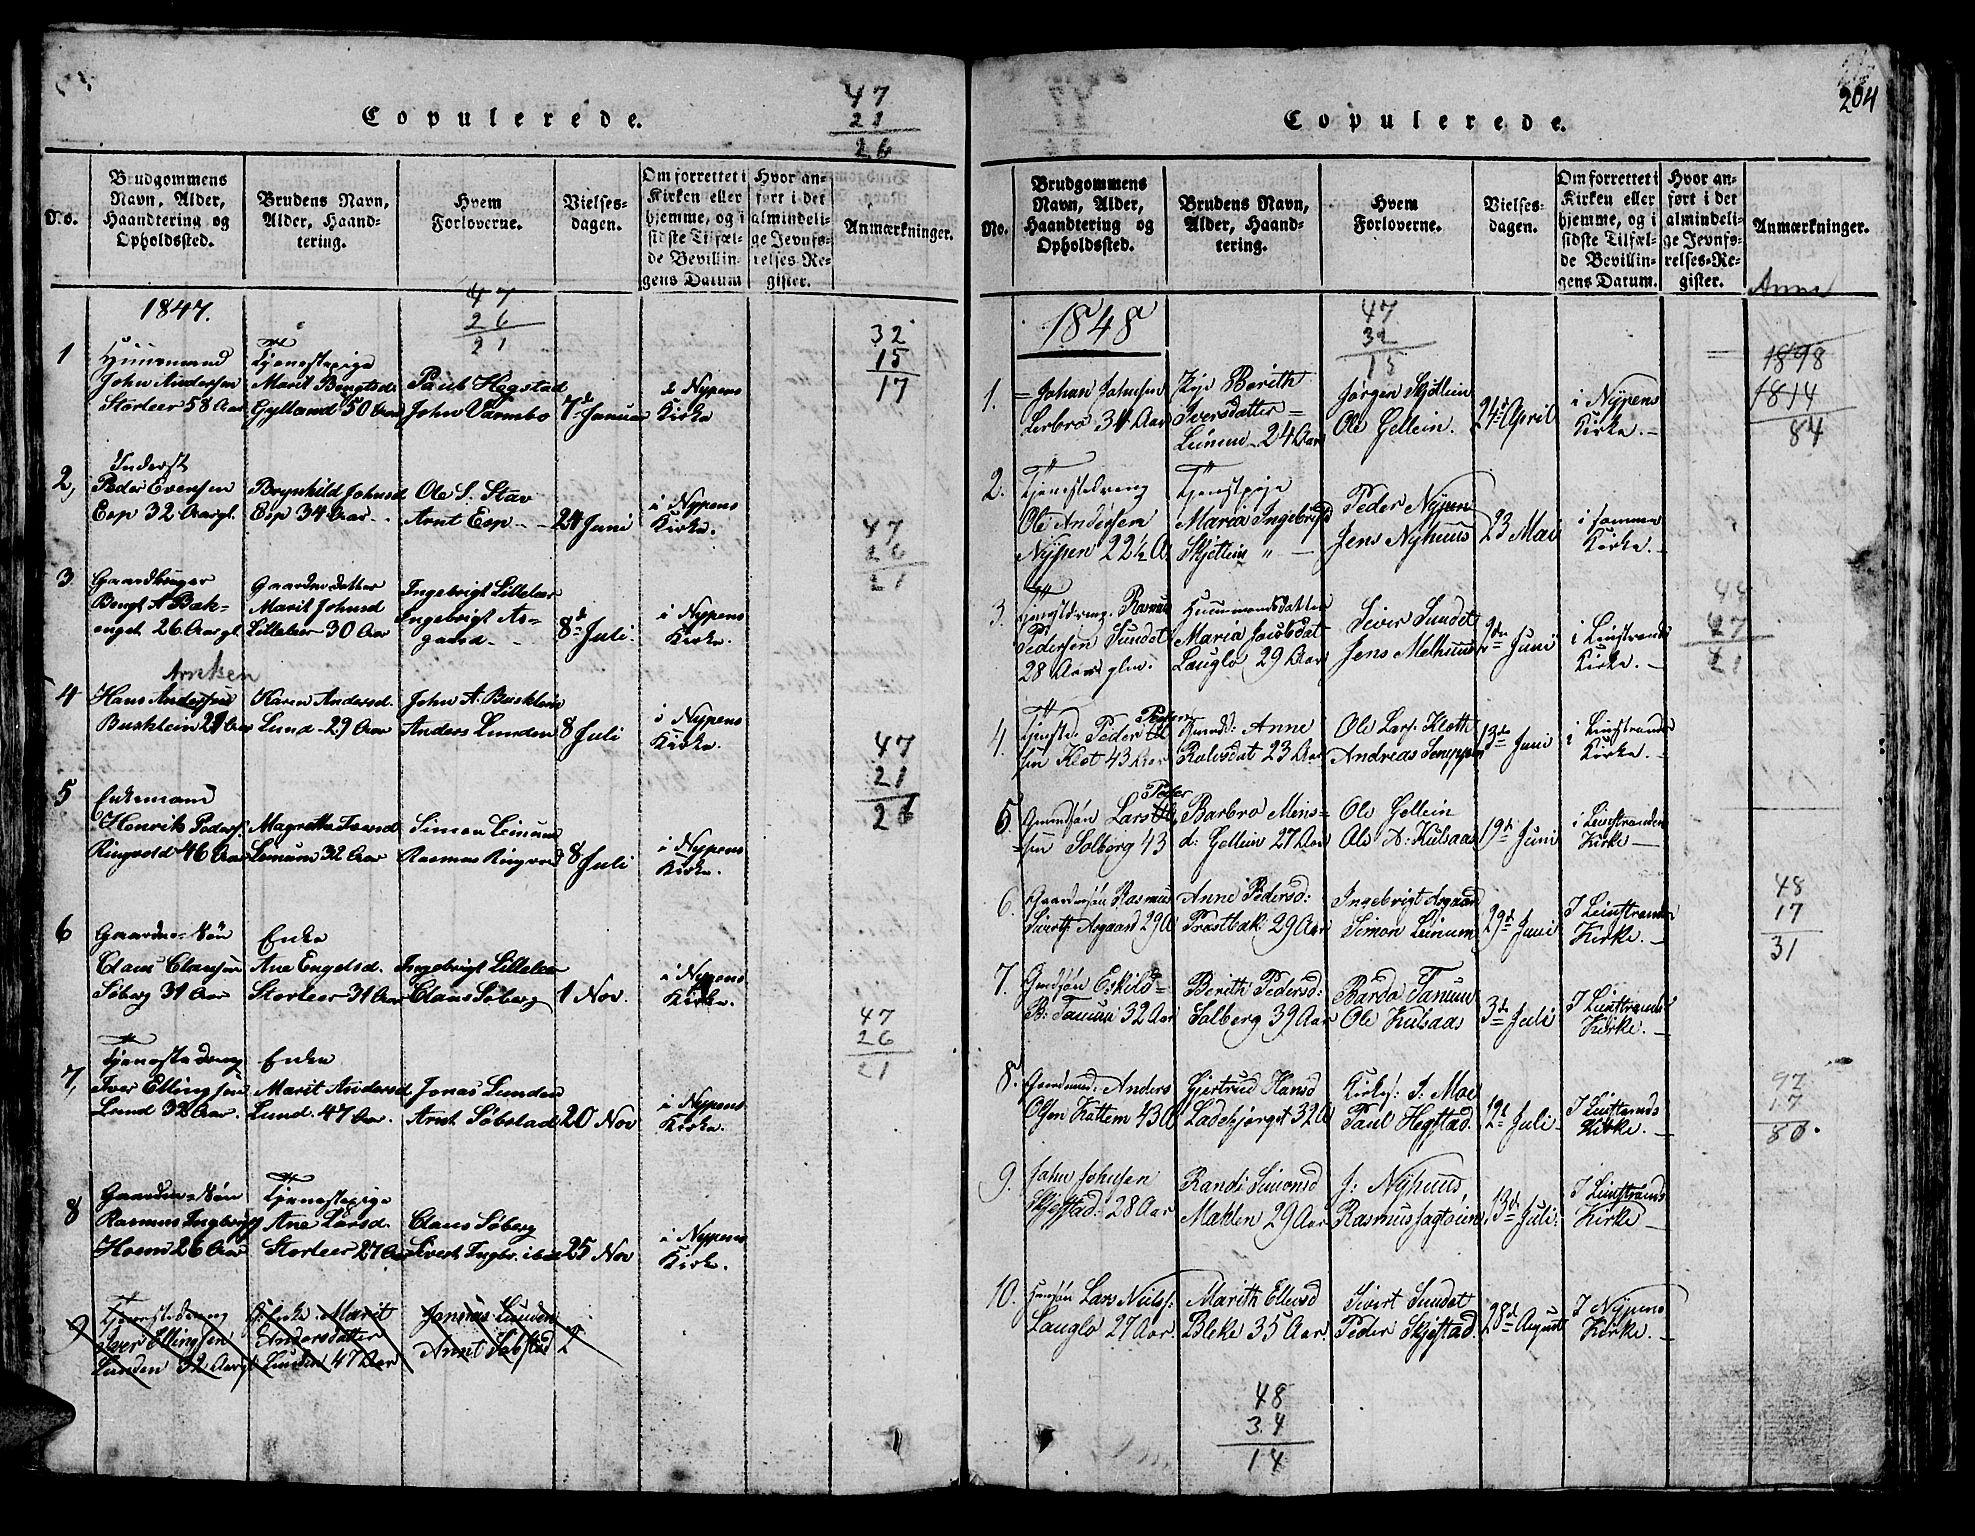 SAT, Ministerialprotokoller, klokkerbøker og fødselsregistre - Sør-Trøndelag, 613/L0393: Klokkerbok nr. 613C01, 1816-1886, s. 204